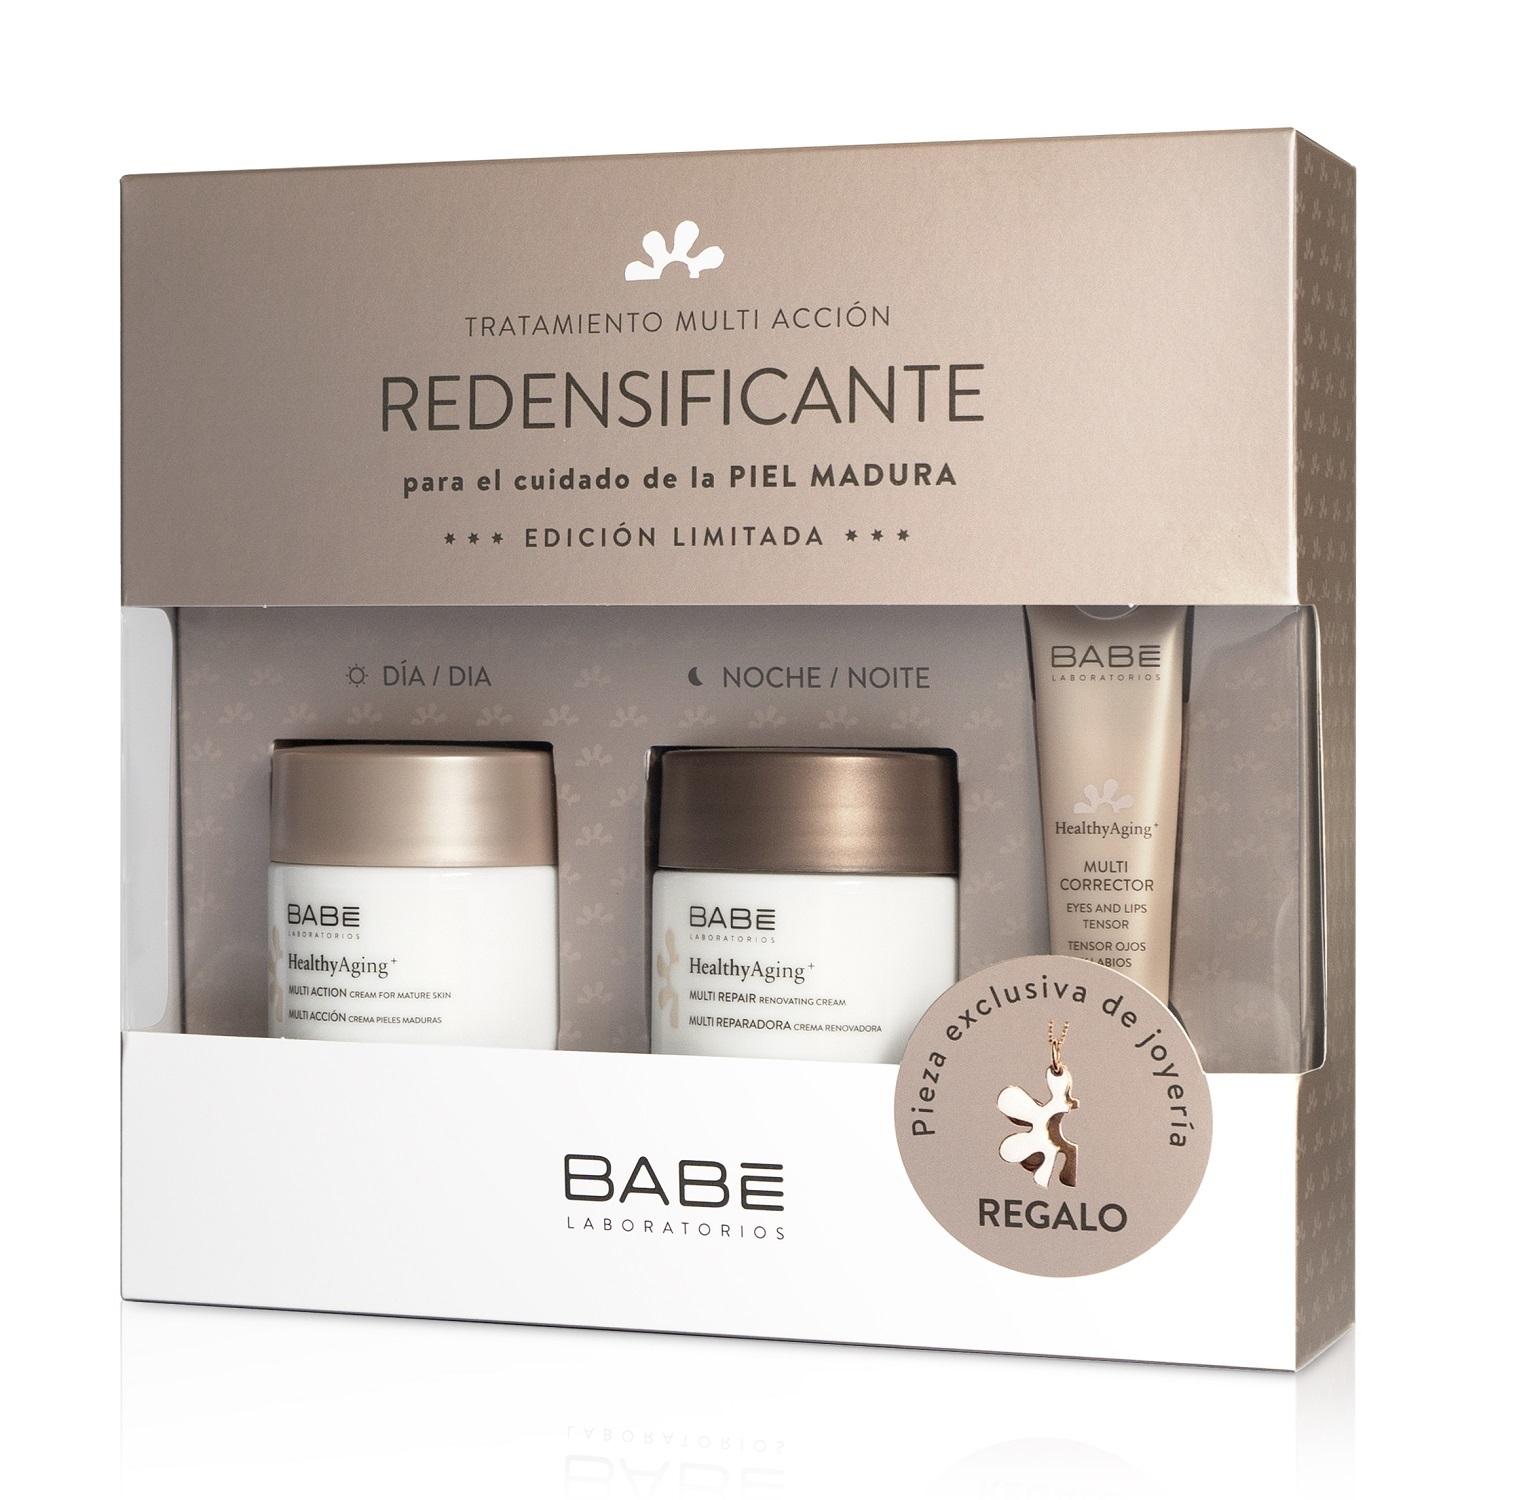 Cofre Redensificante para pieles maduras de Laboratorios BABÉ, el...